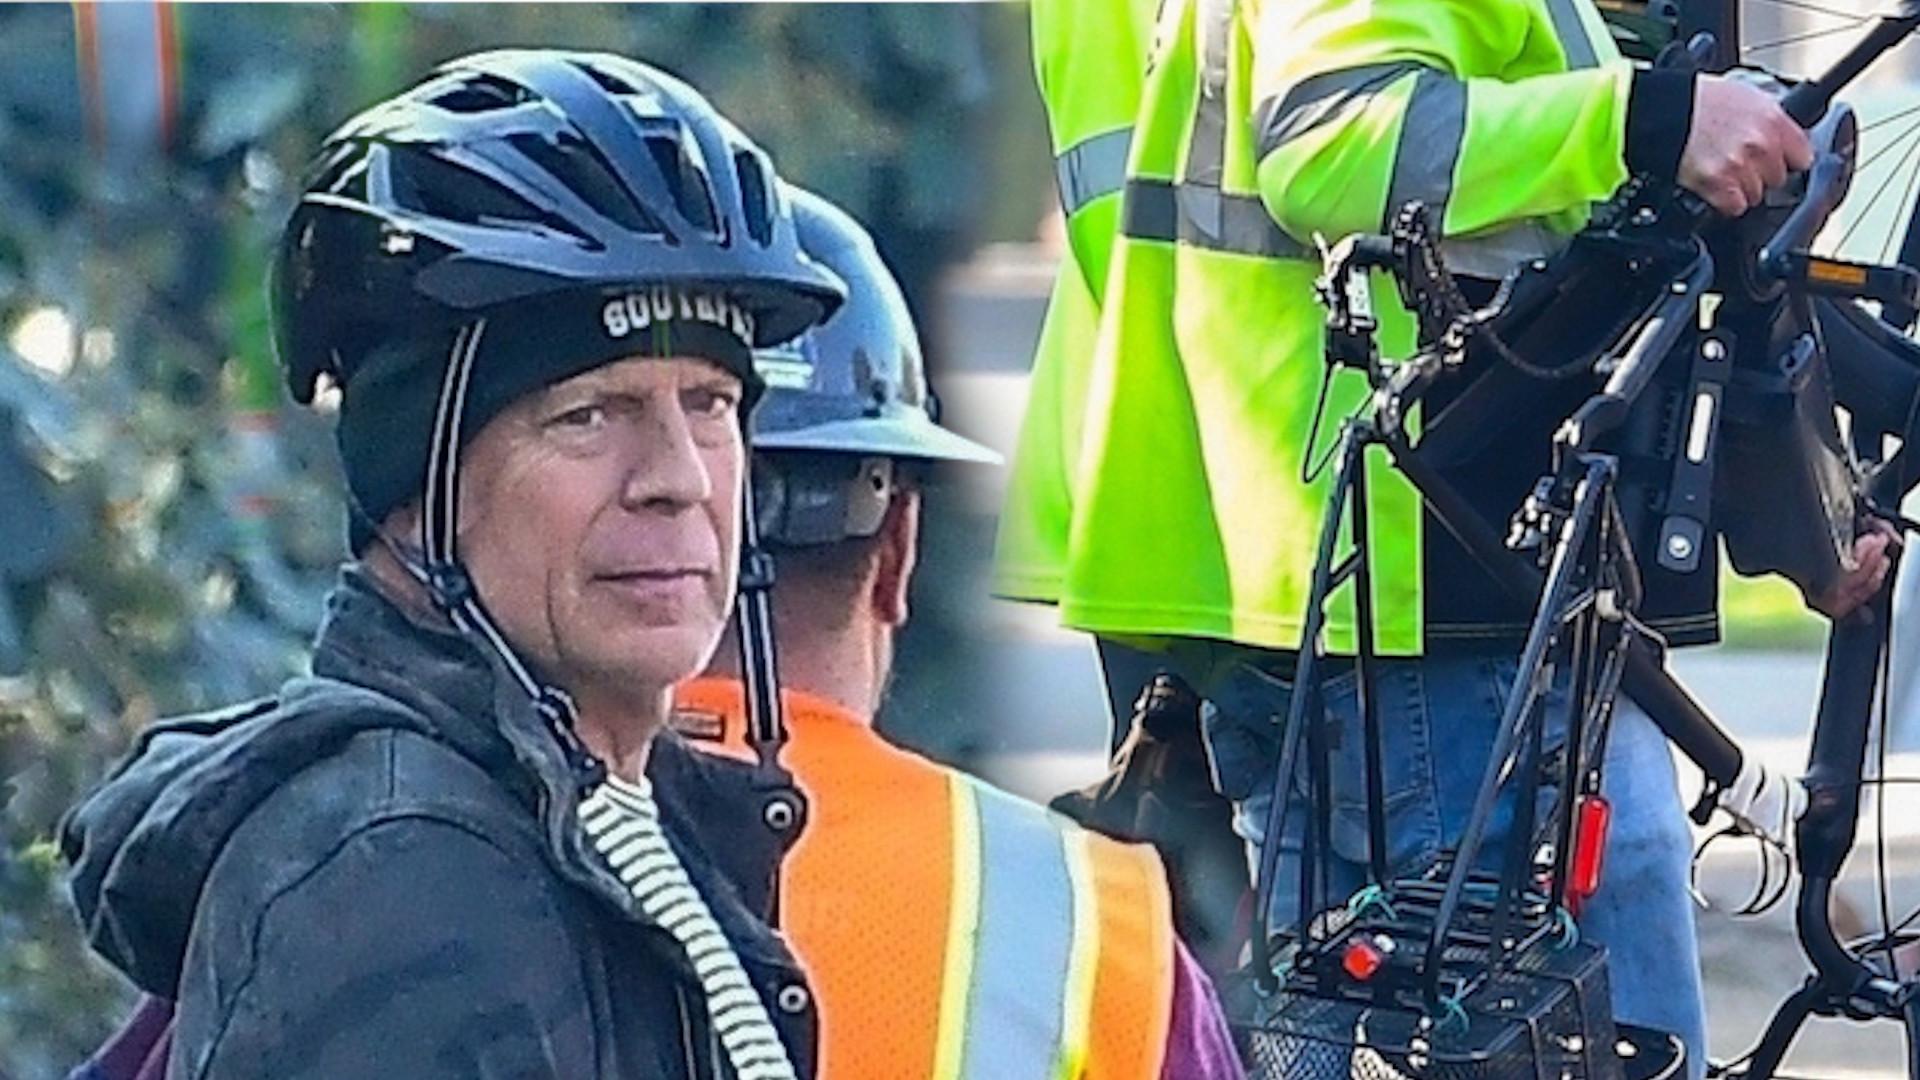 Bruce Willis miał mały WYPADEK na rowerze. Pomogli mu ROBOTNICY DROGOWI (ZDJĘCIA)